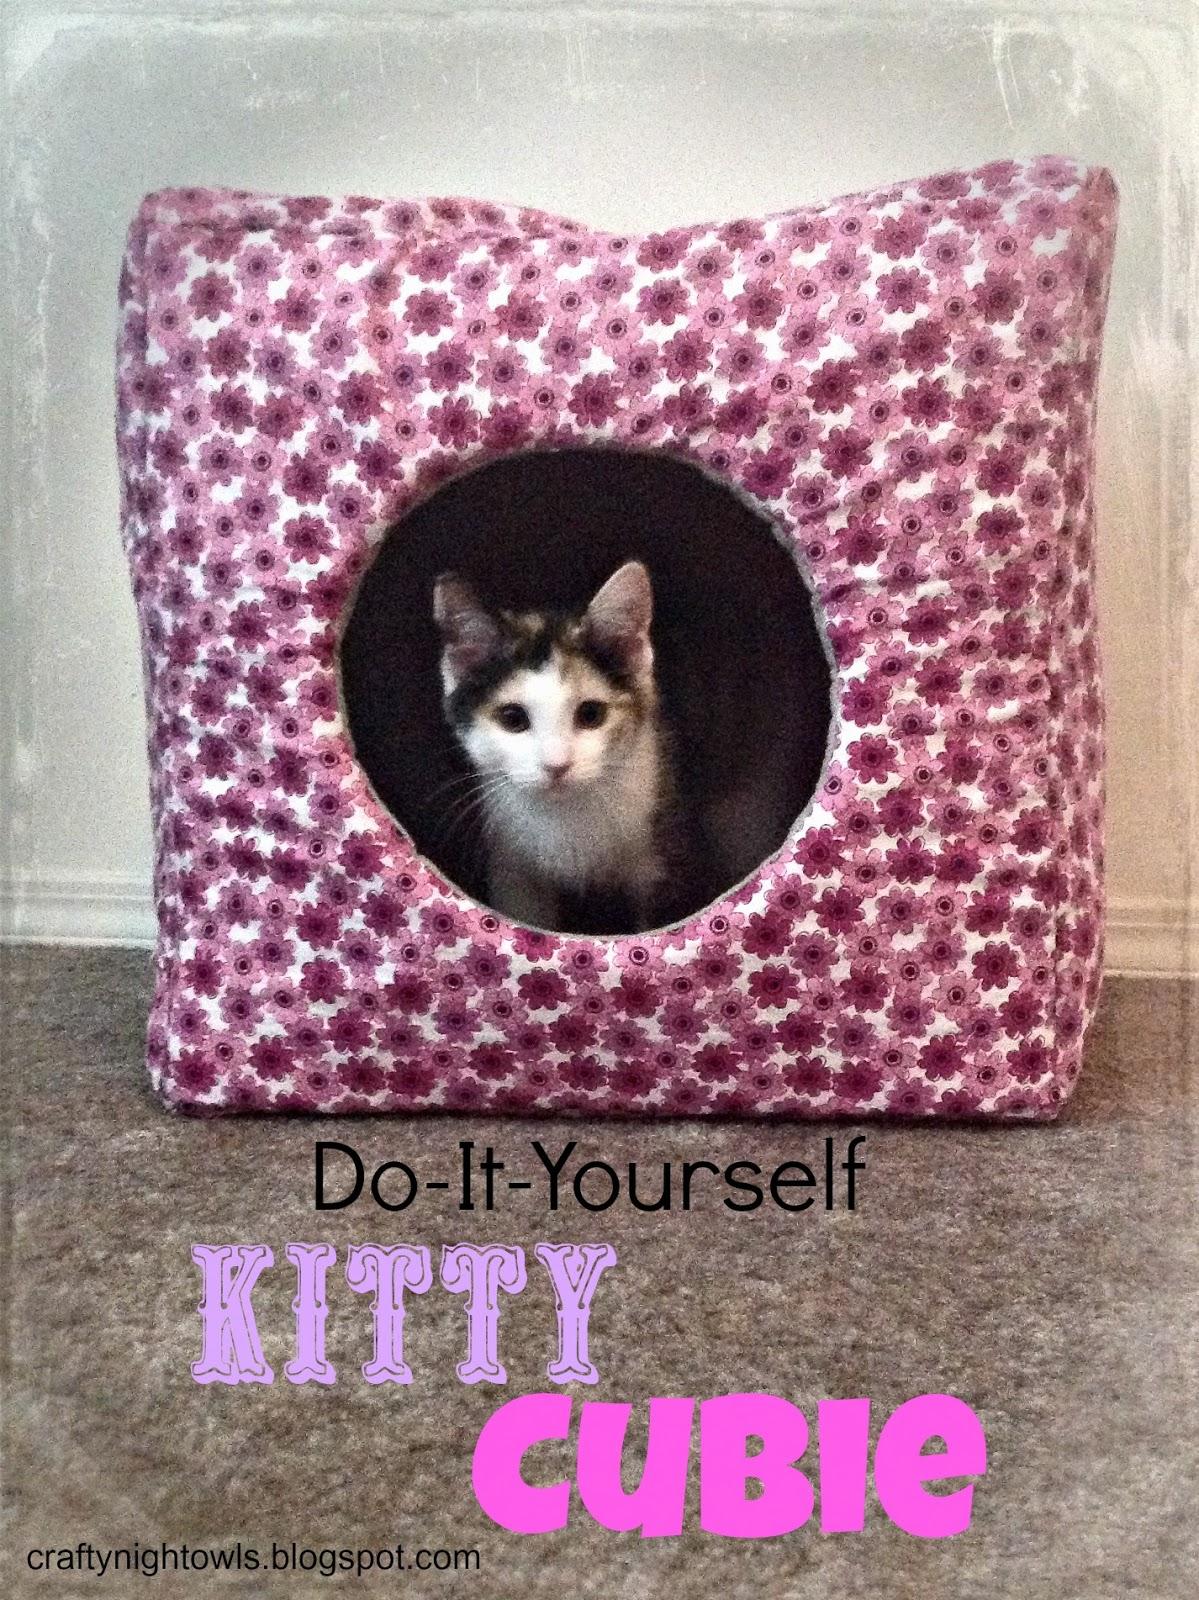 Crafty night owls diy kitty cubie diy kitty cubie jeuxipadfo Gallery